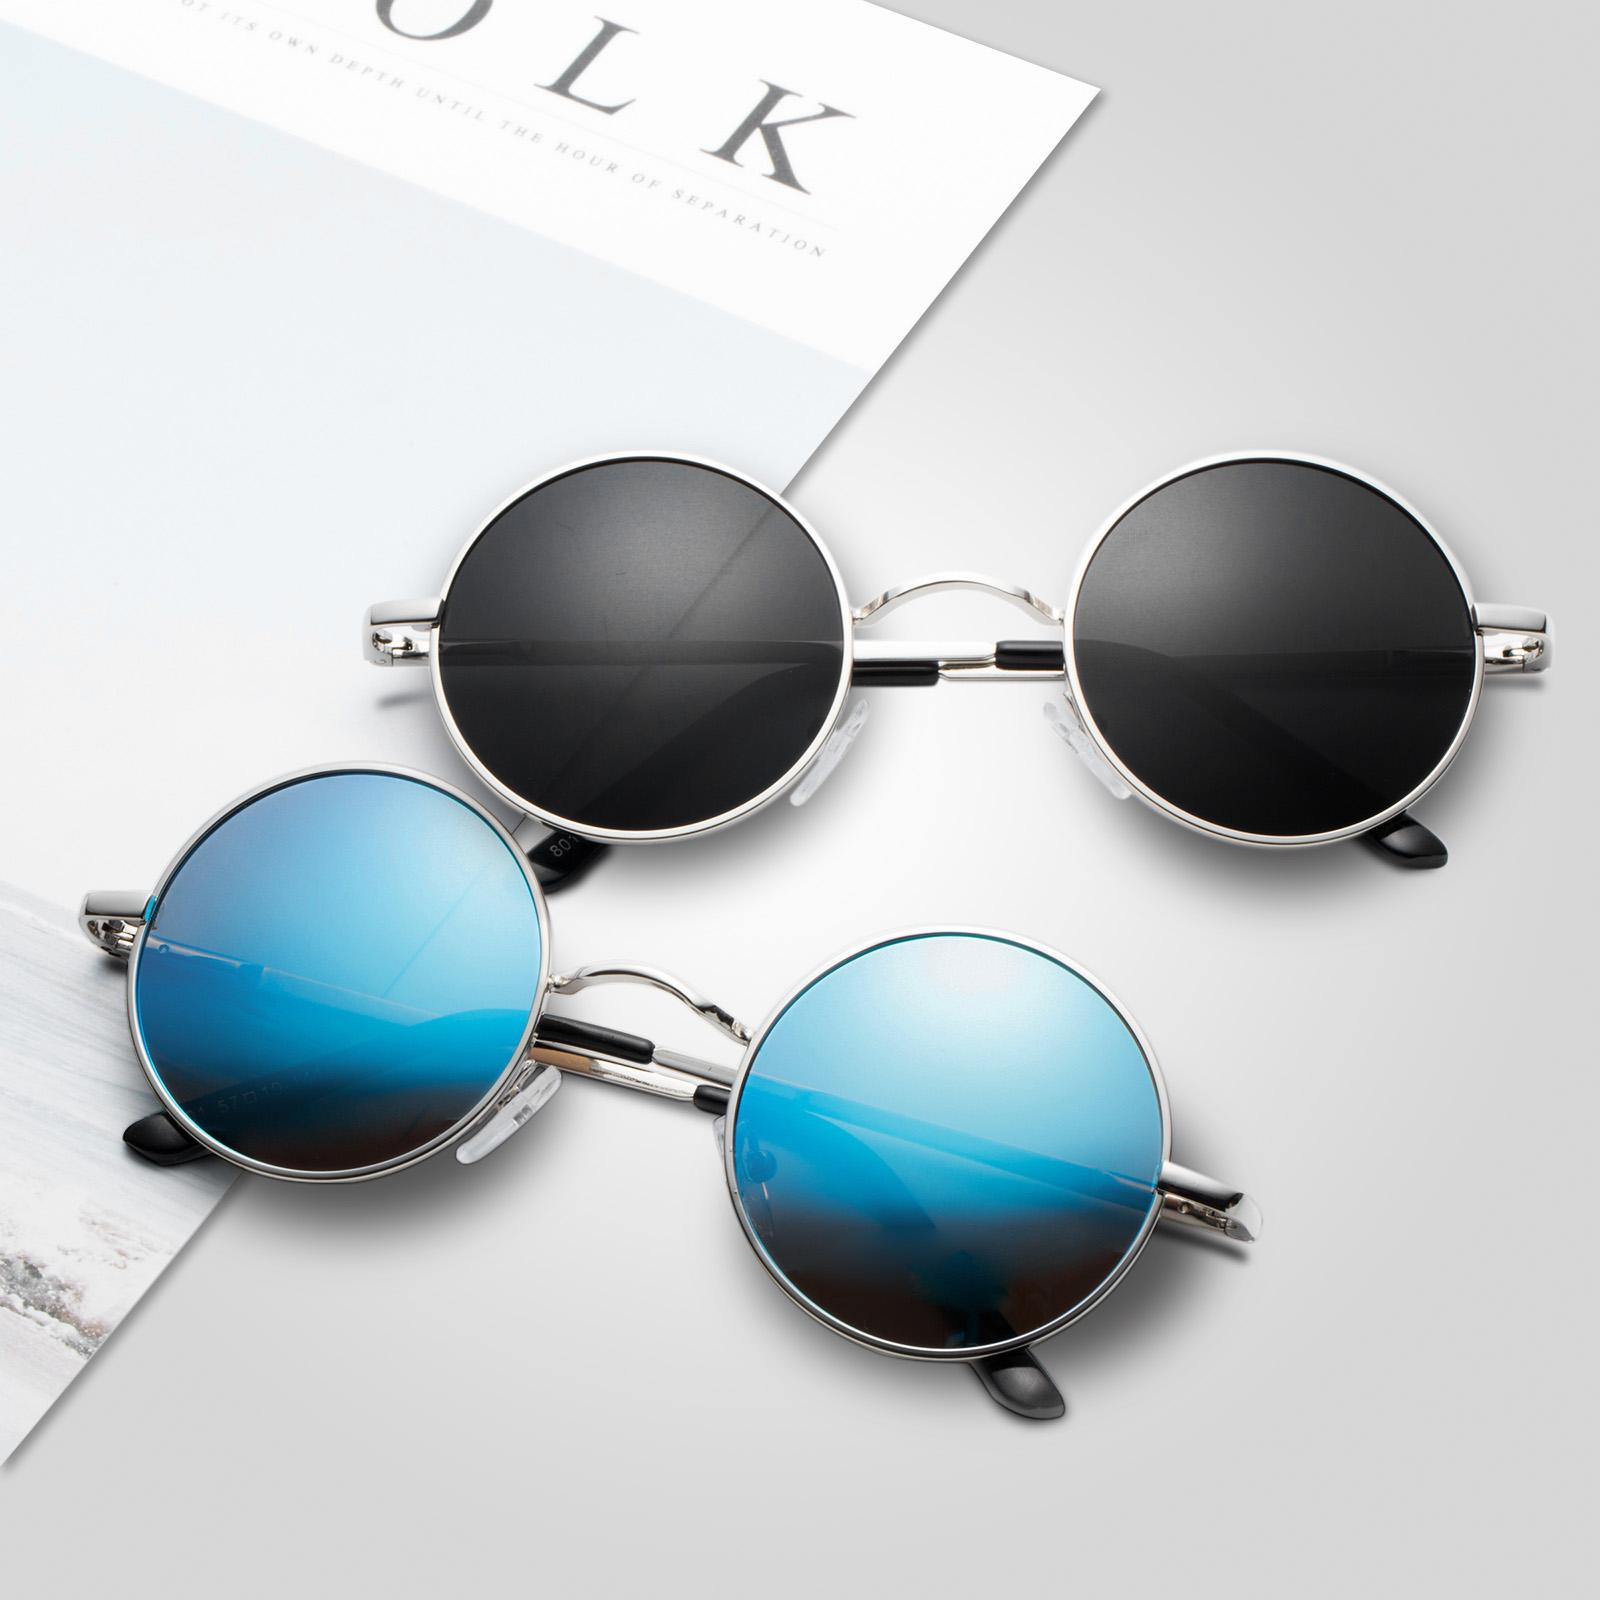 两用墨镜新款眼镜男士偏光太阳镜男潮钓鱼开车司机蛤蟆镜眼睛墨镜